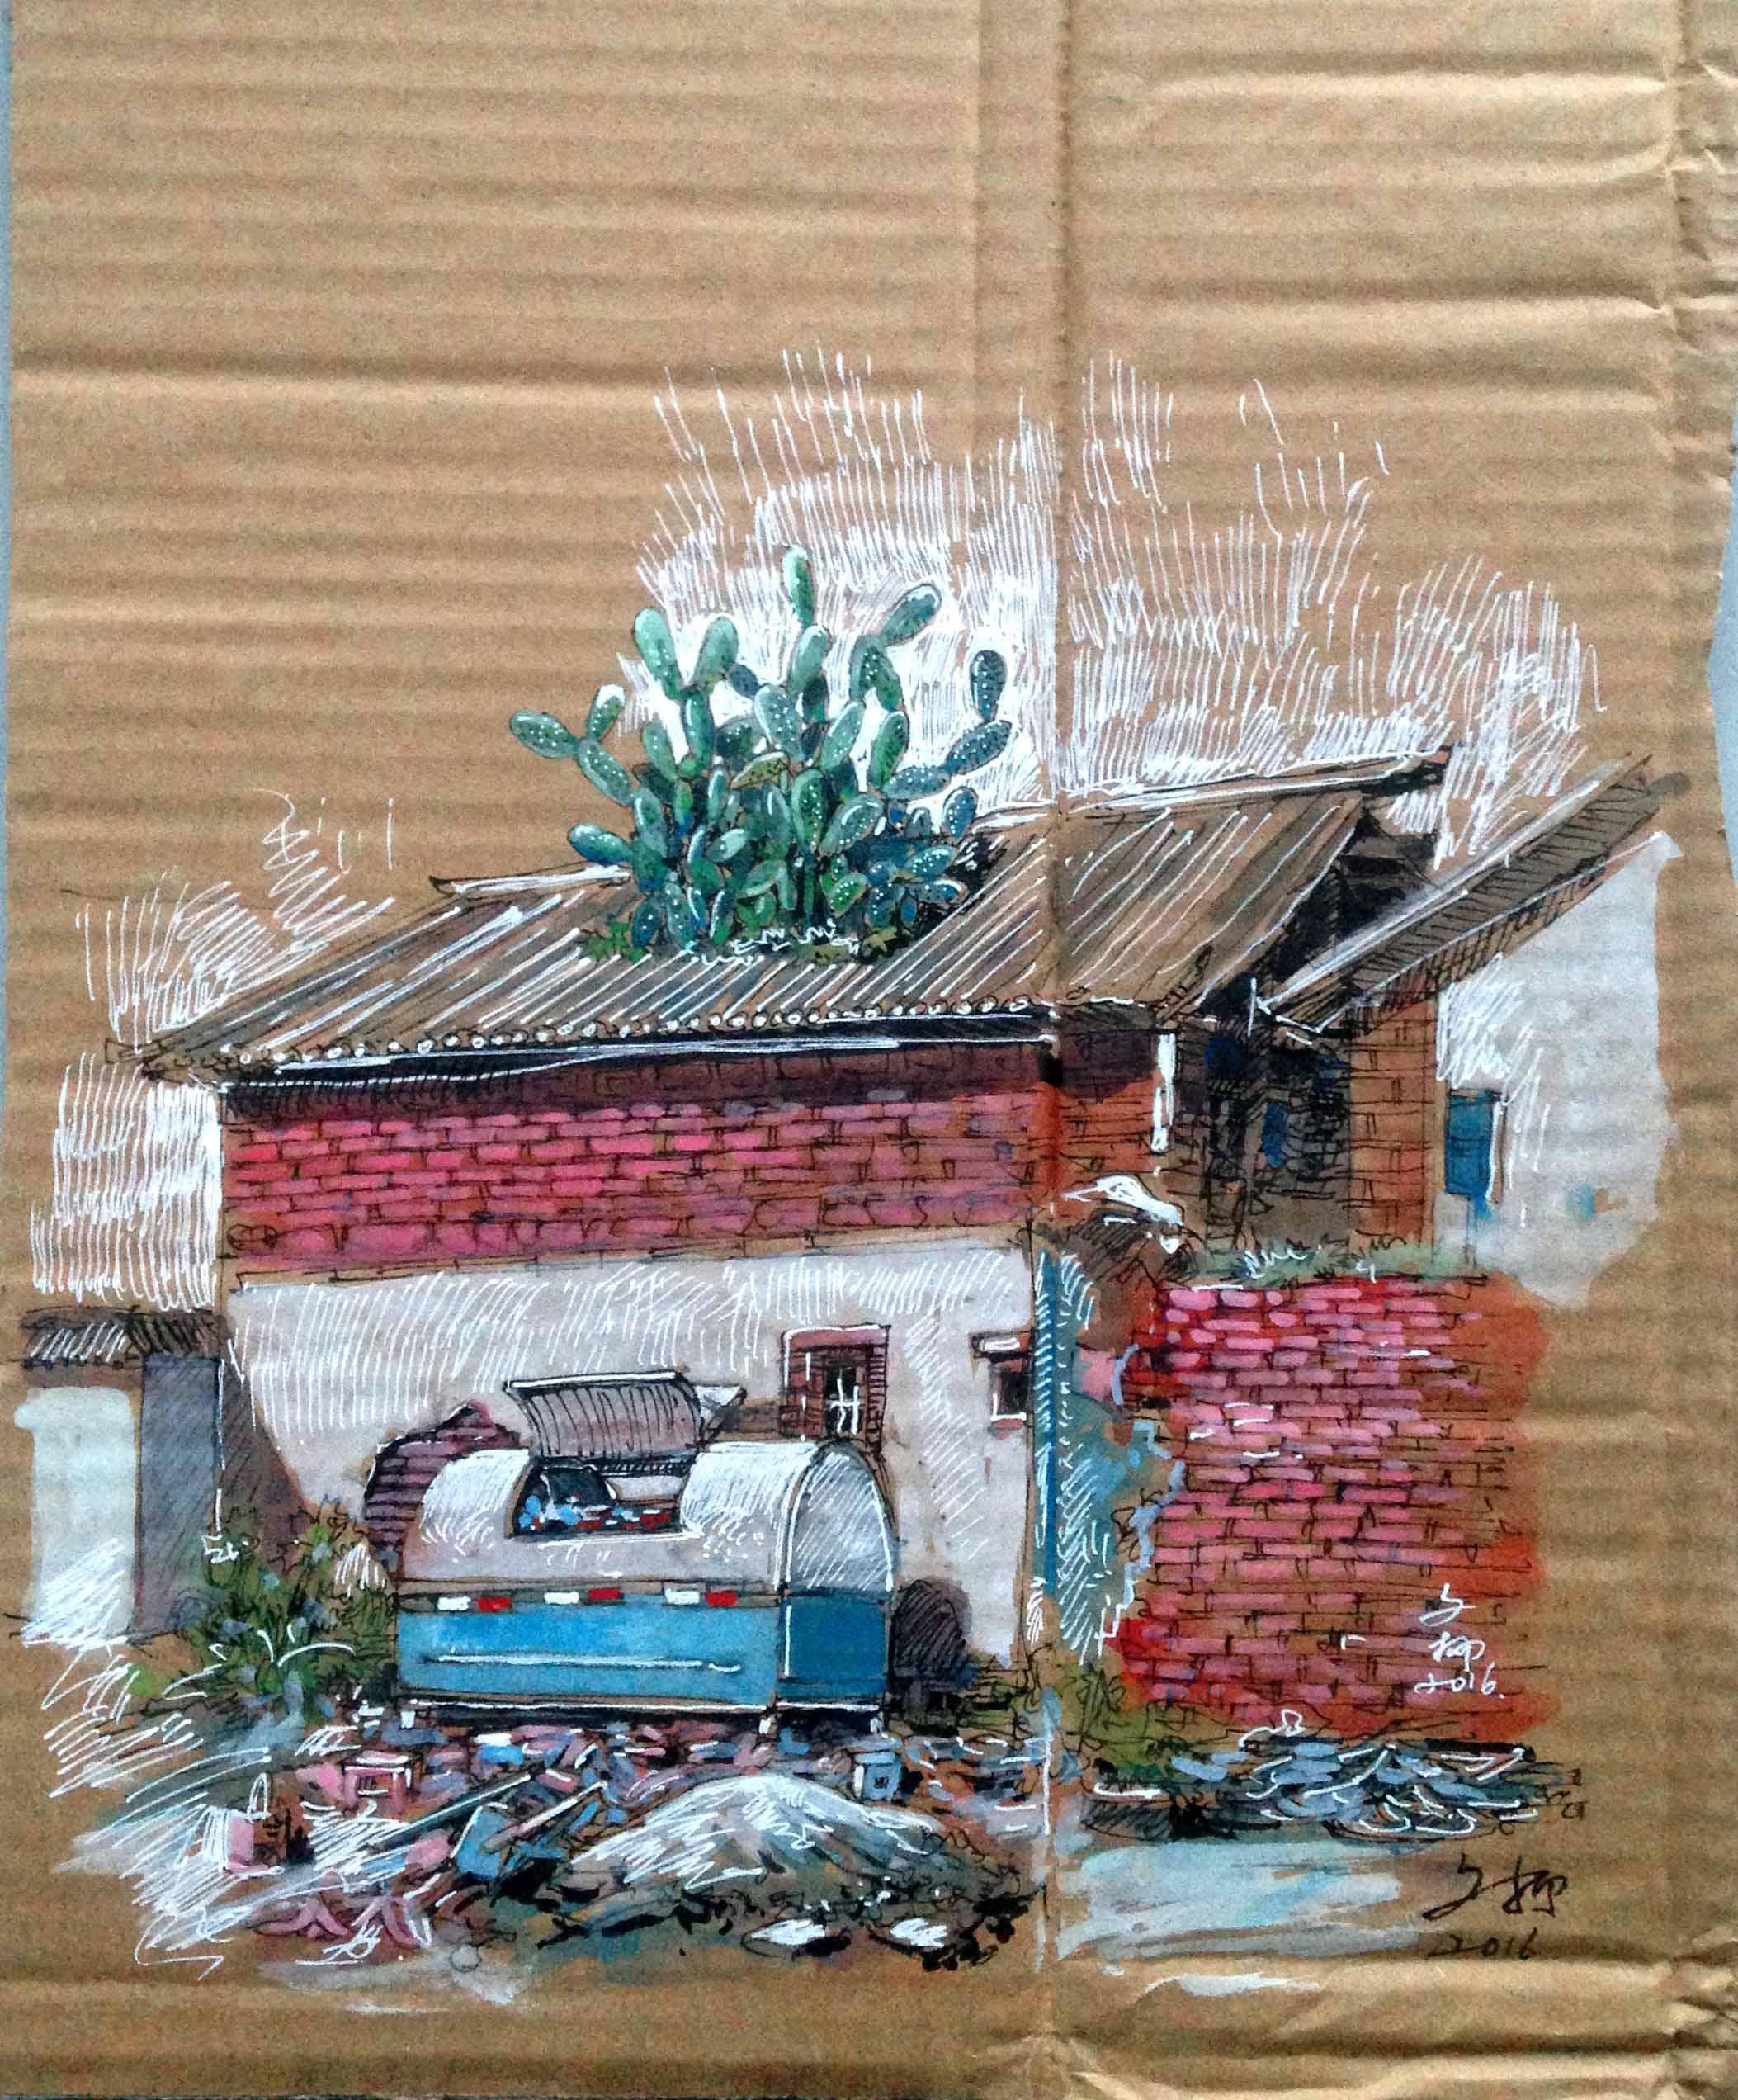 方便的垃圾桶,房子上巨大的仙人掌